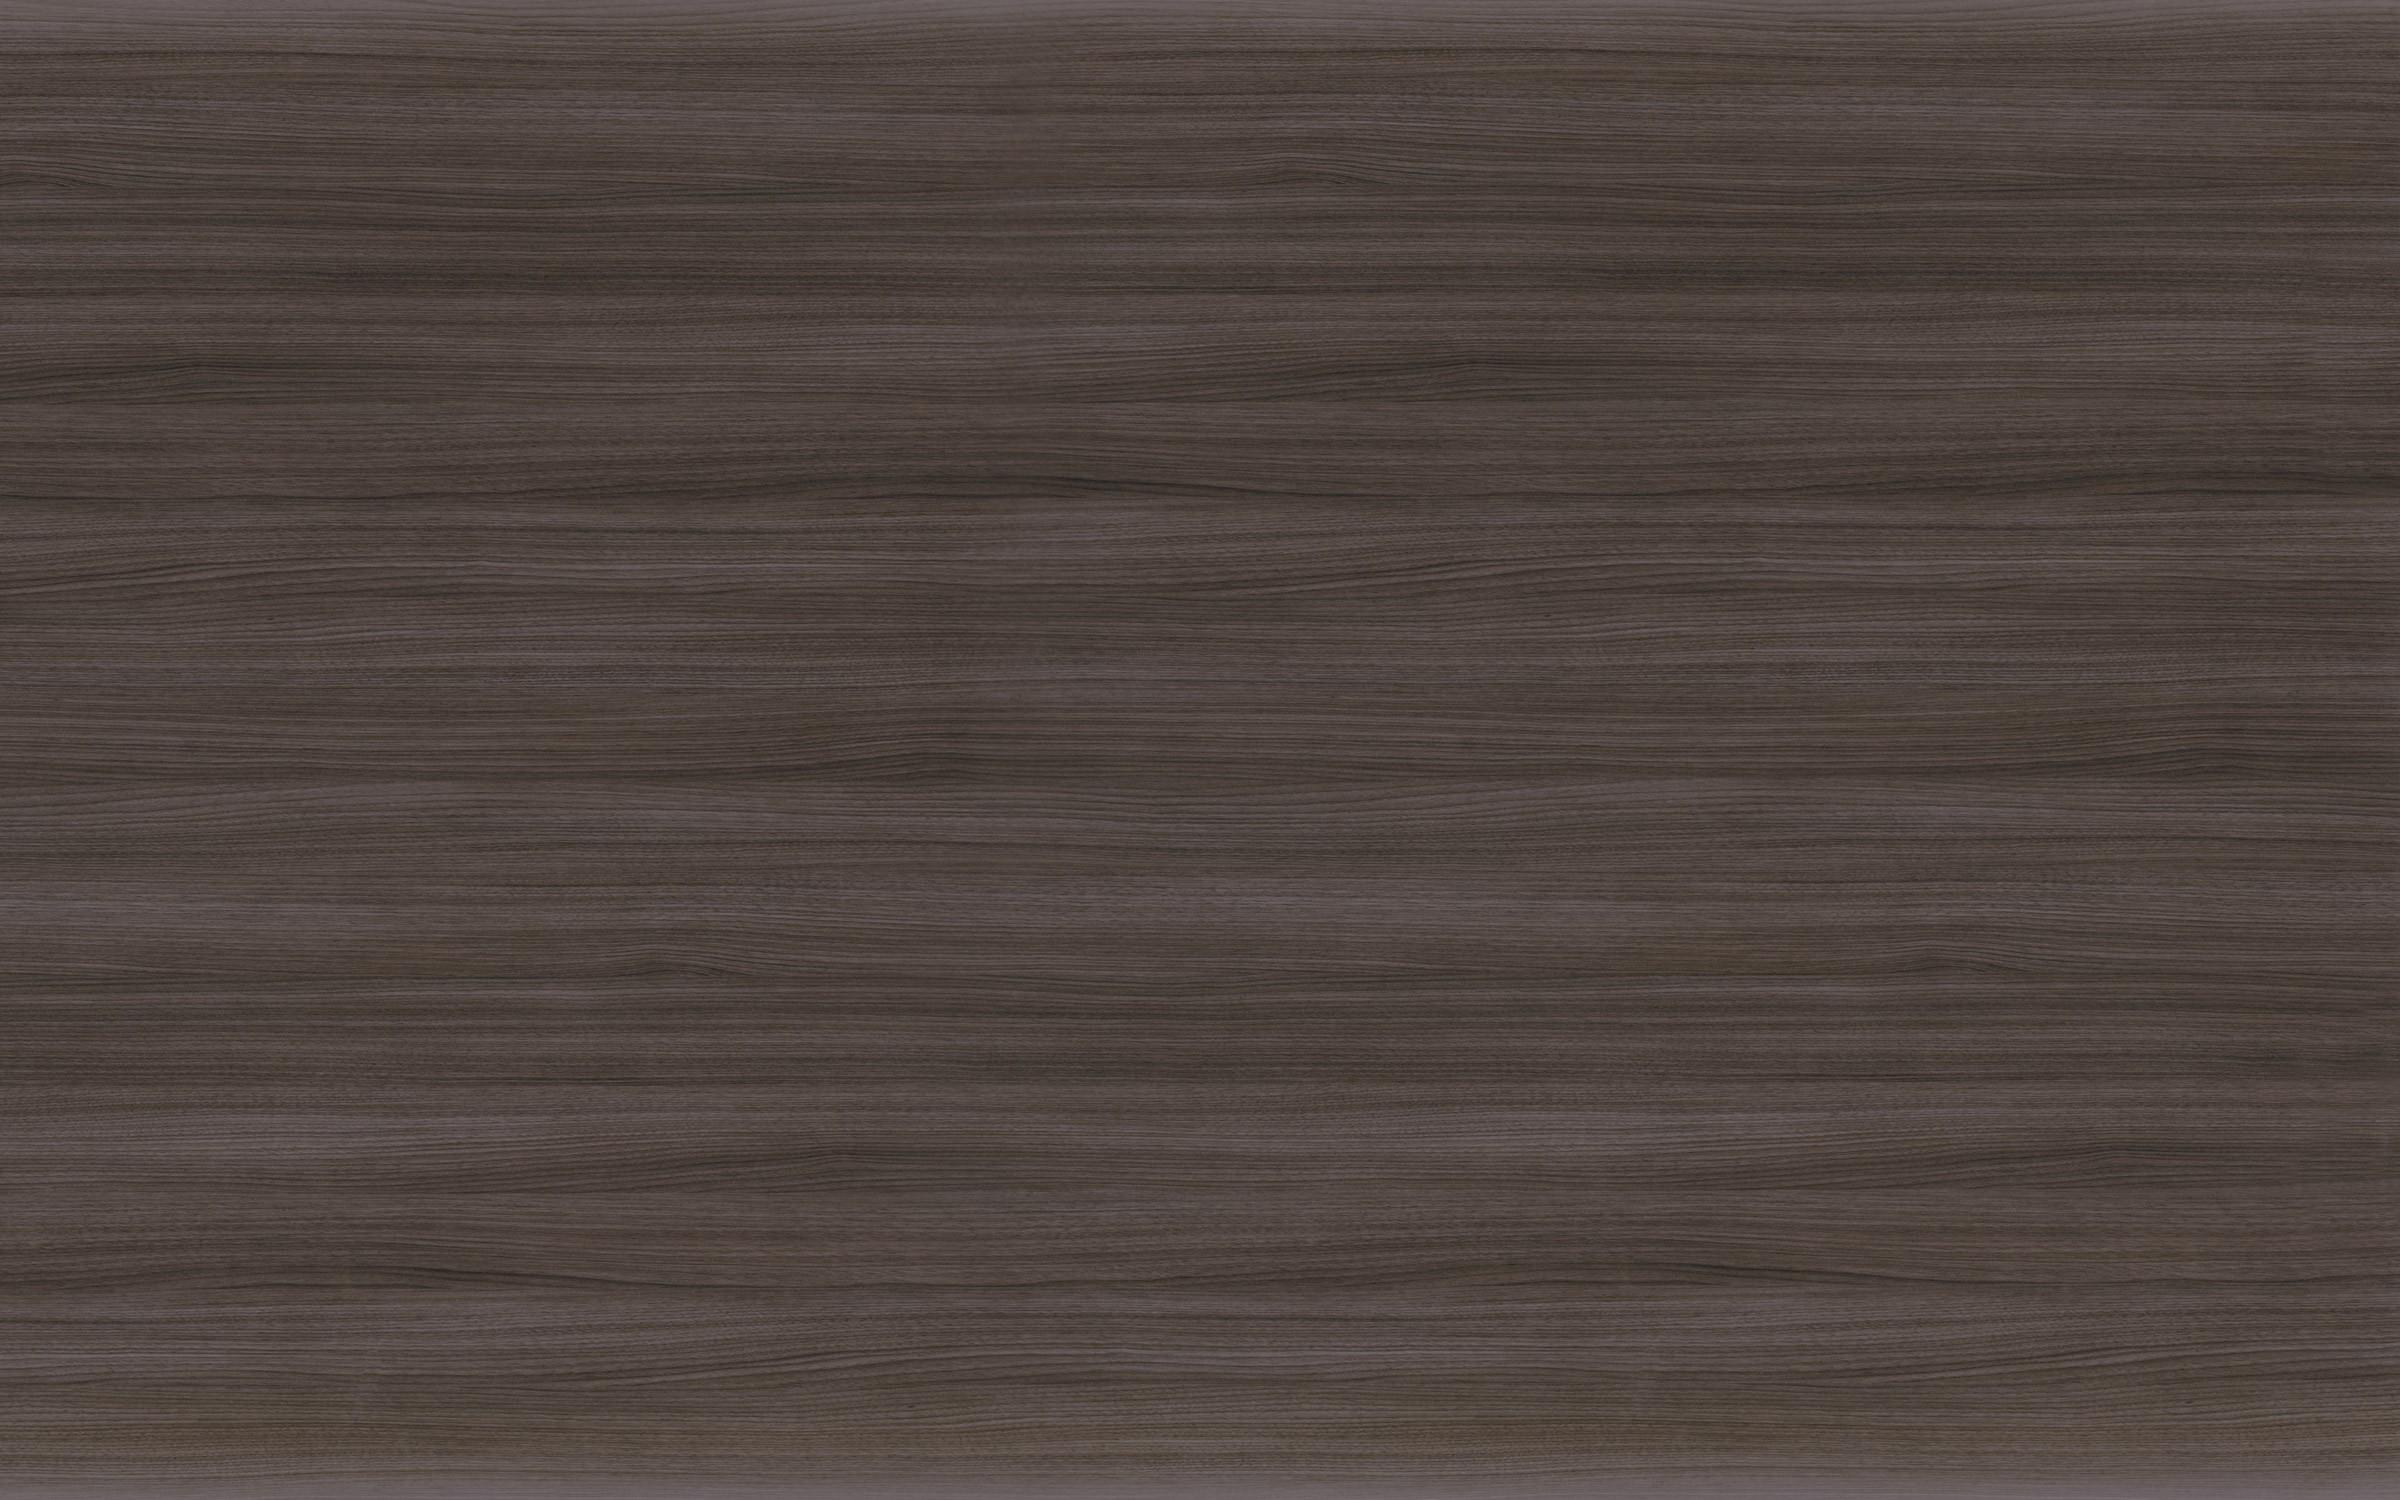 7964 Skyline Walnut Wilsonart Laminate Countertops